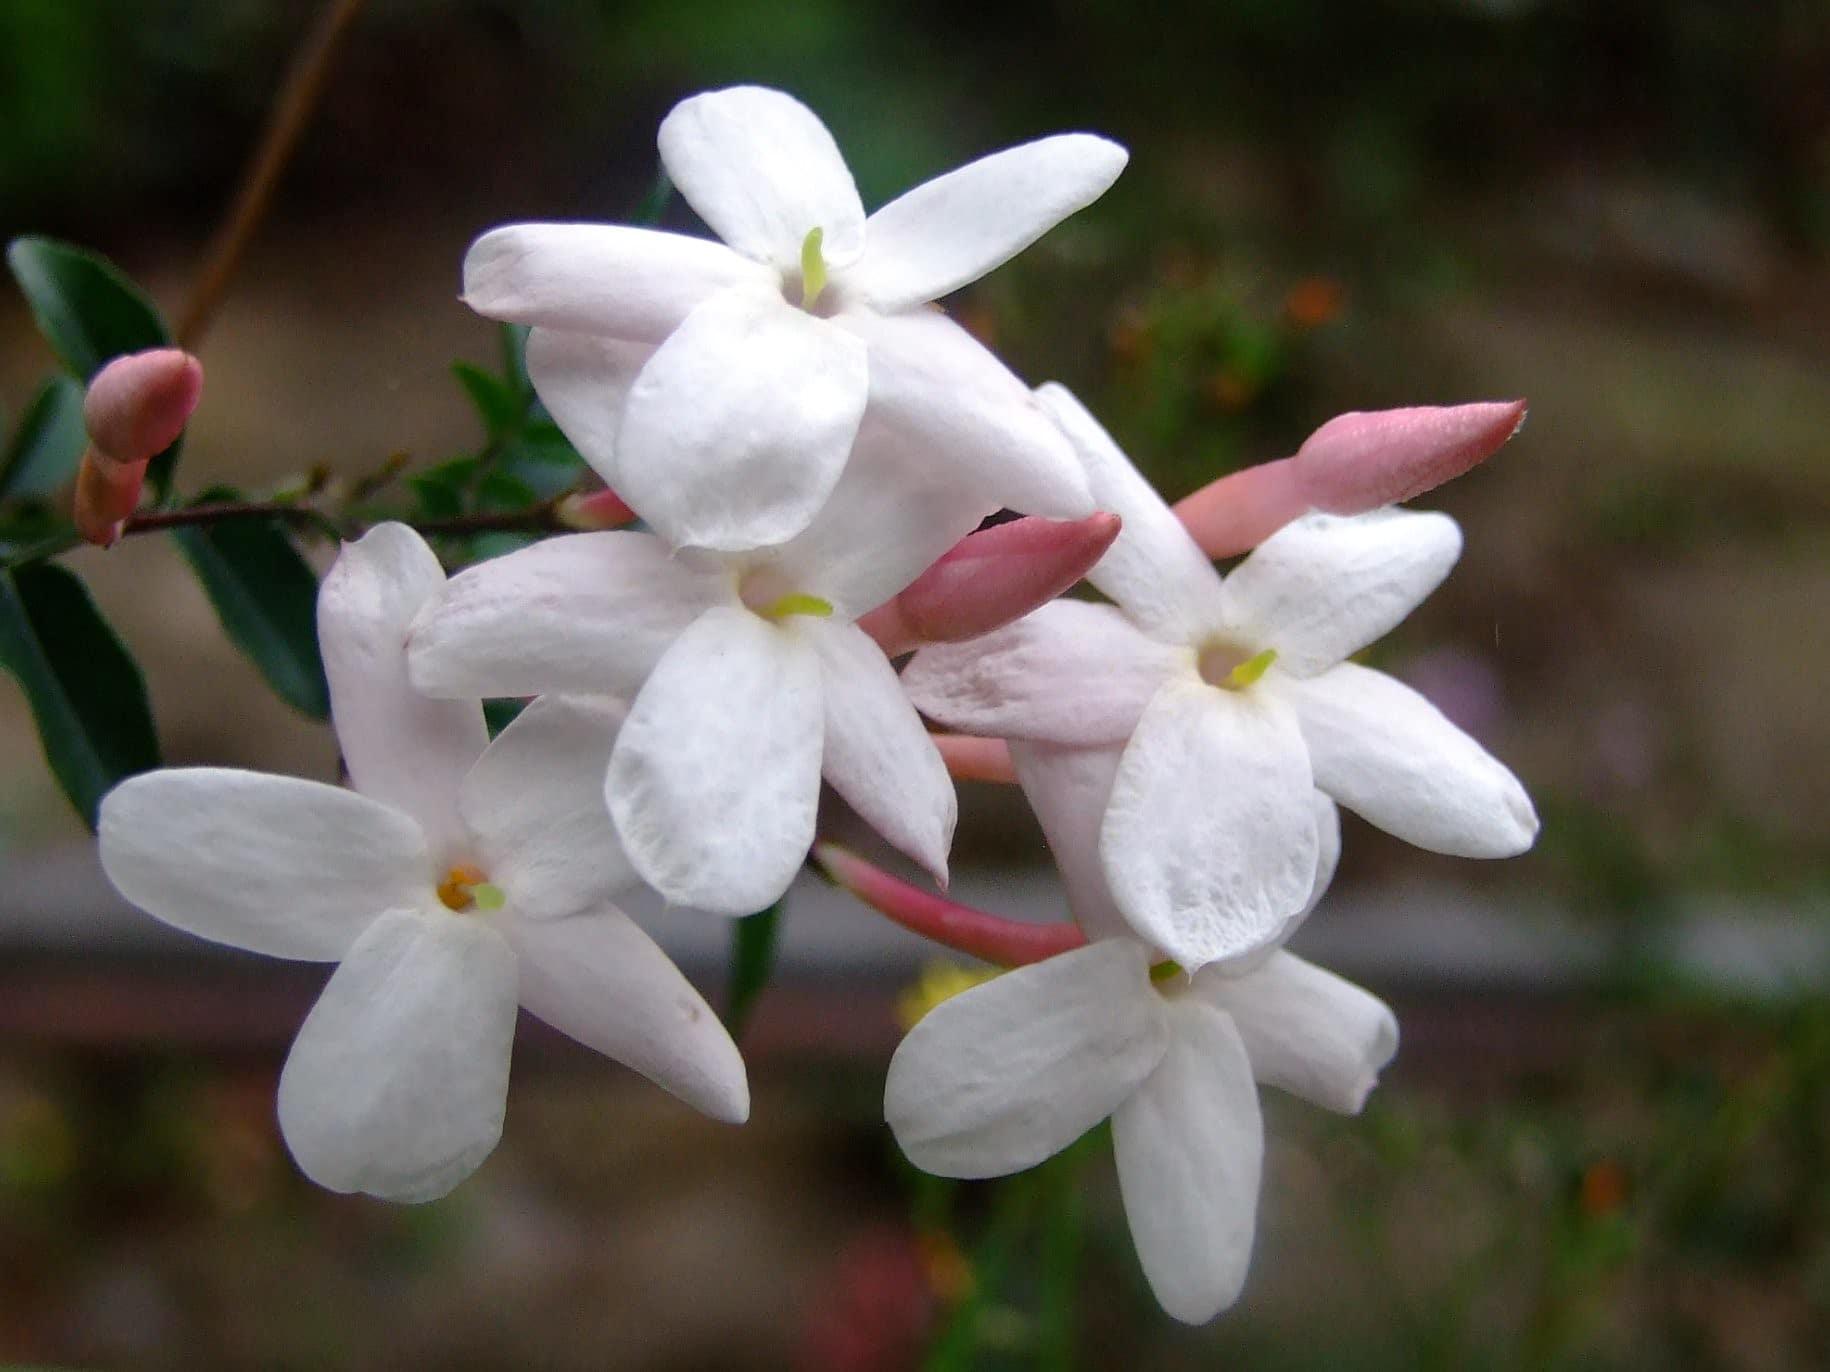 El jazmín chino tiene flores blancas